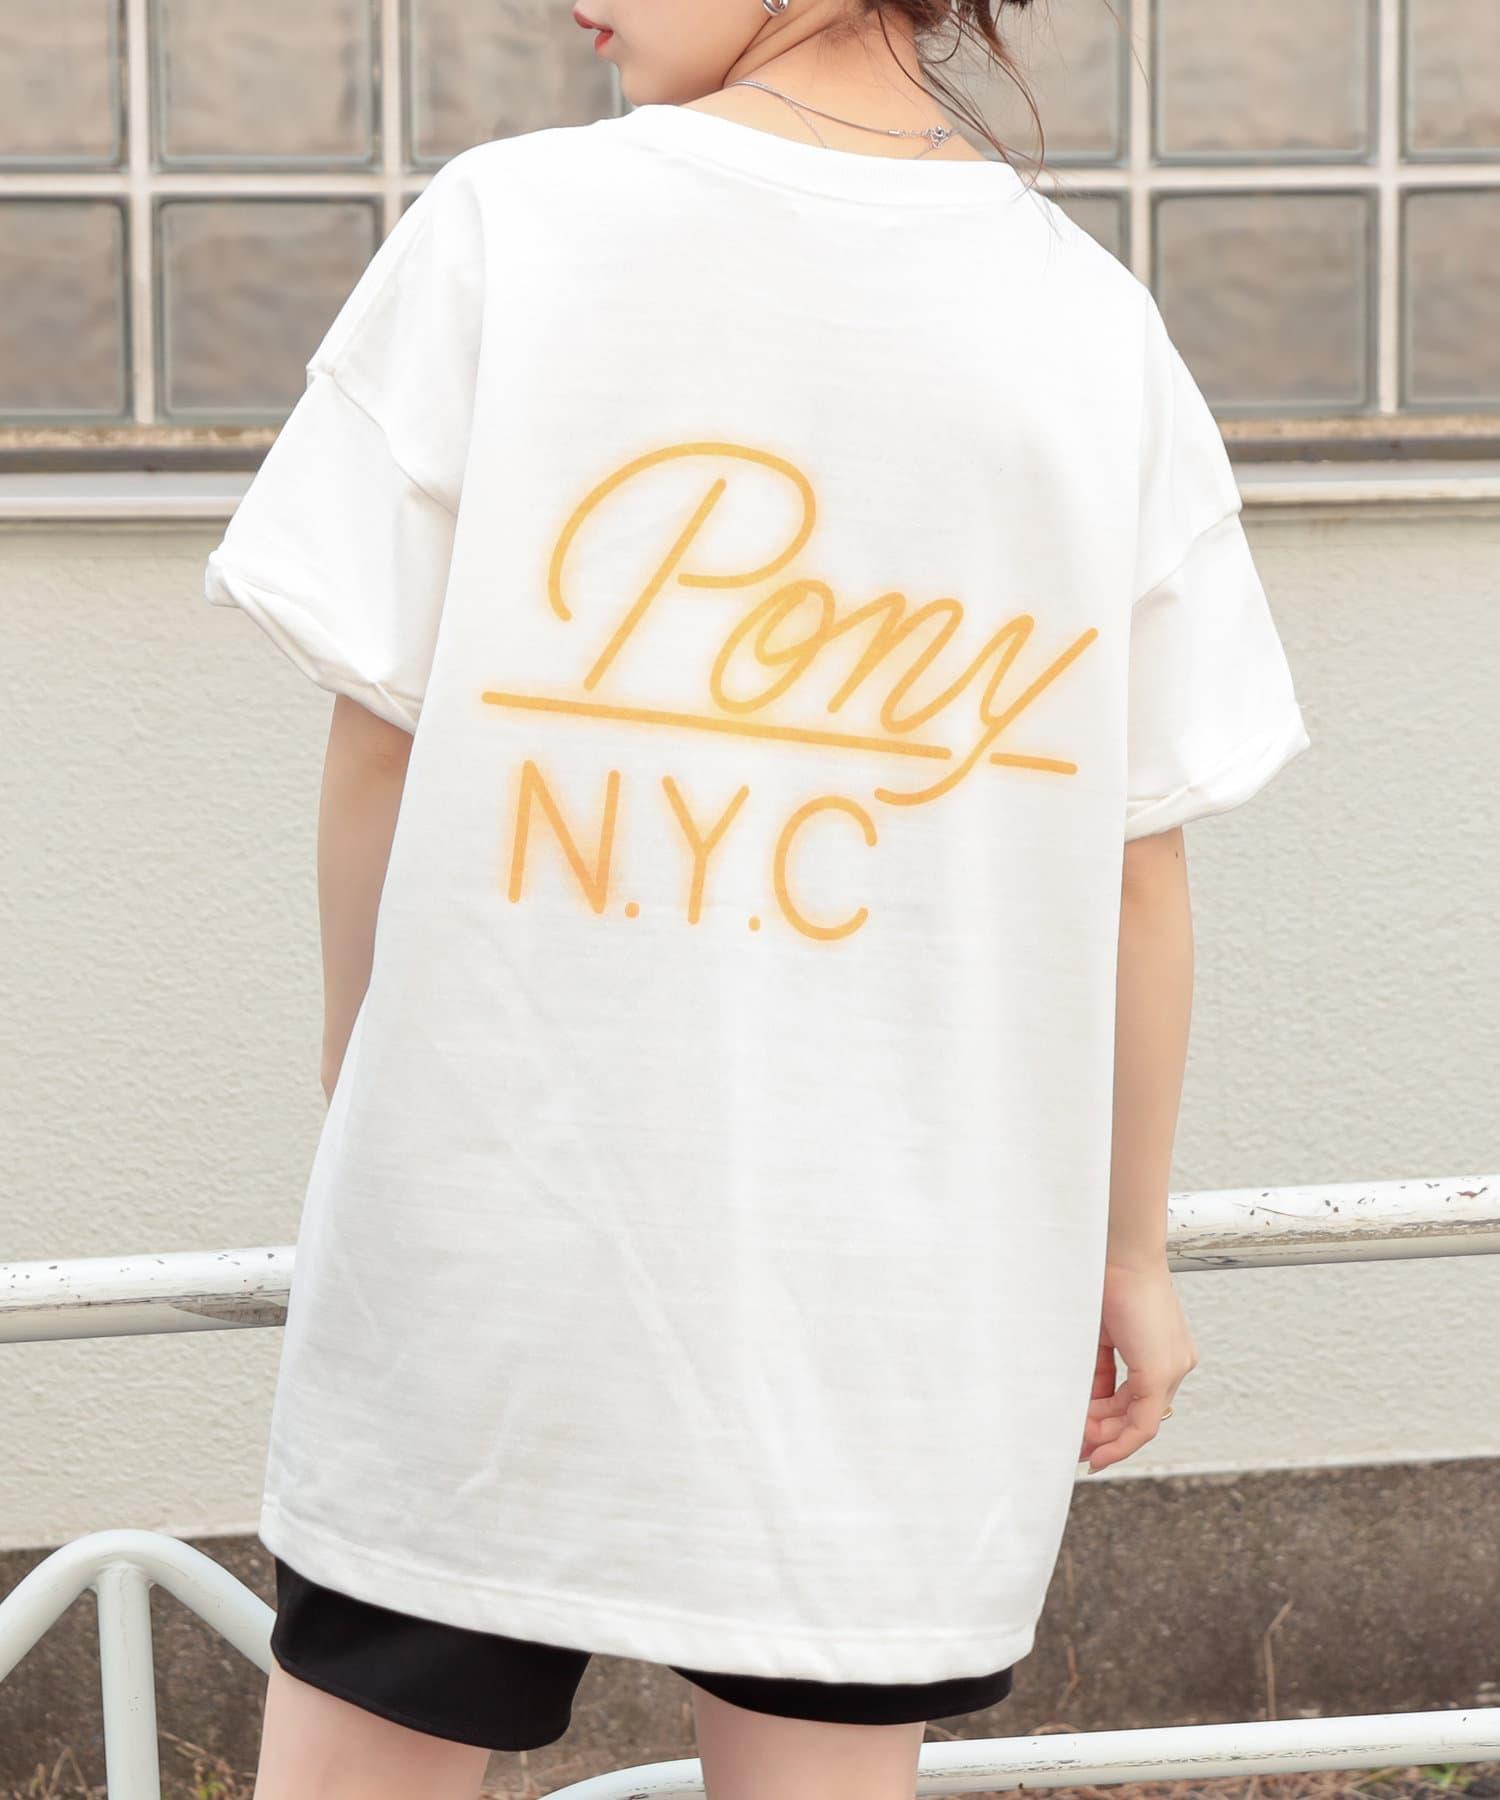 who's who Chico(フーズフーチコ) PONYネオンバックロゴ半袖Tシャツ